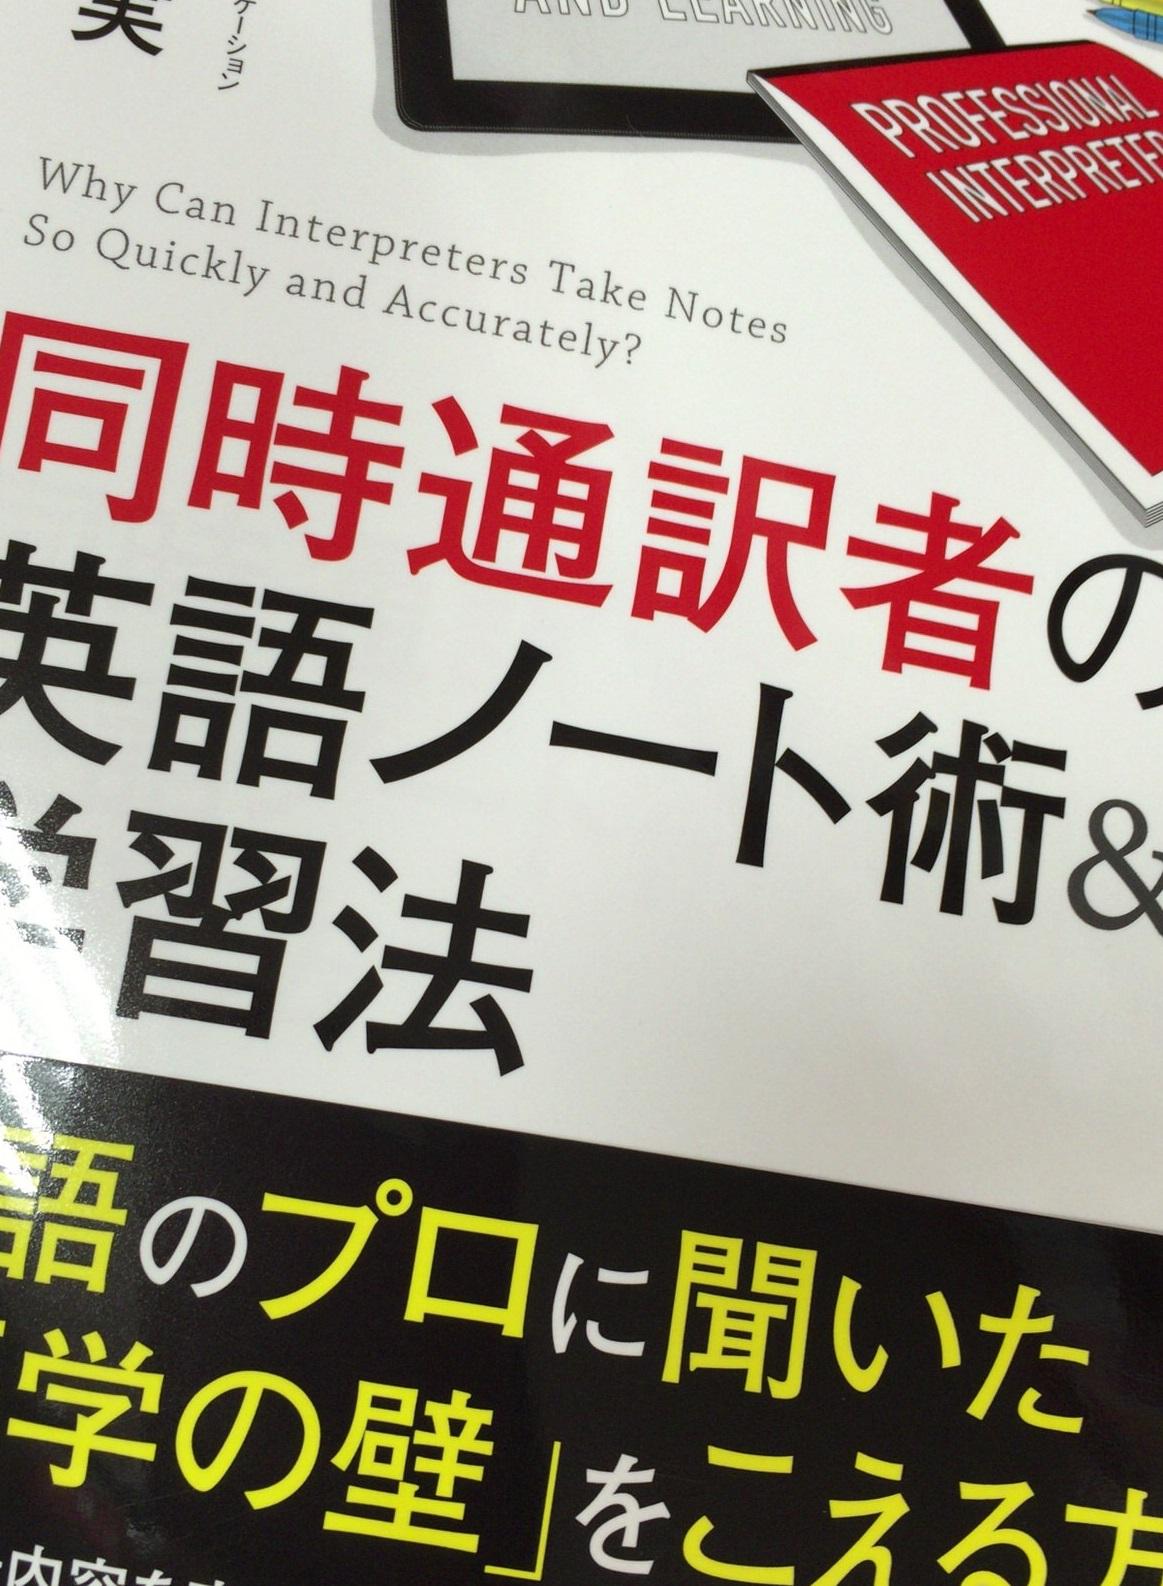 同時通訳者の英語ノート術&学習法|プロに学ぶセミナーノートの取り方、3つのヒント。